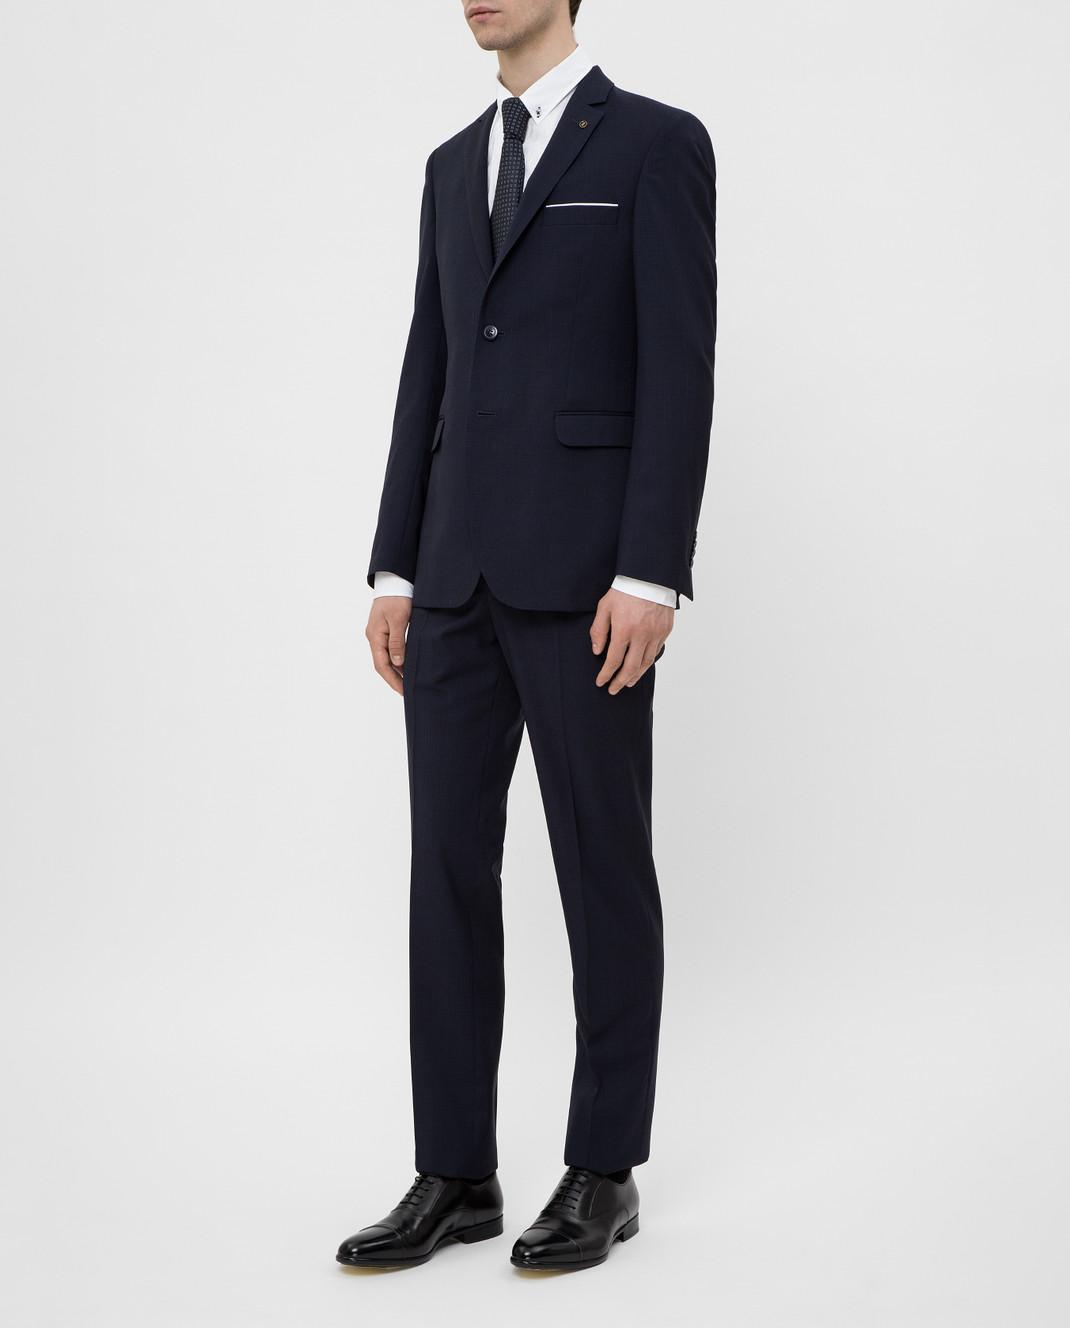 Florentino Темно-синий костюм из шерсти изображение 3